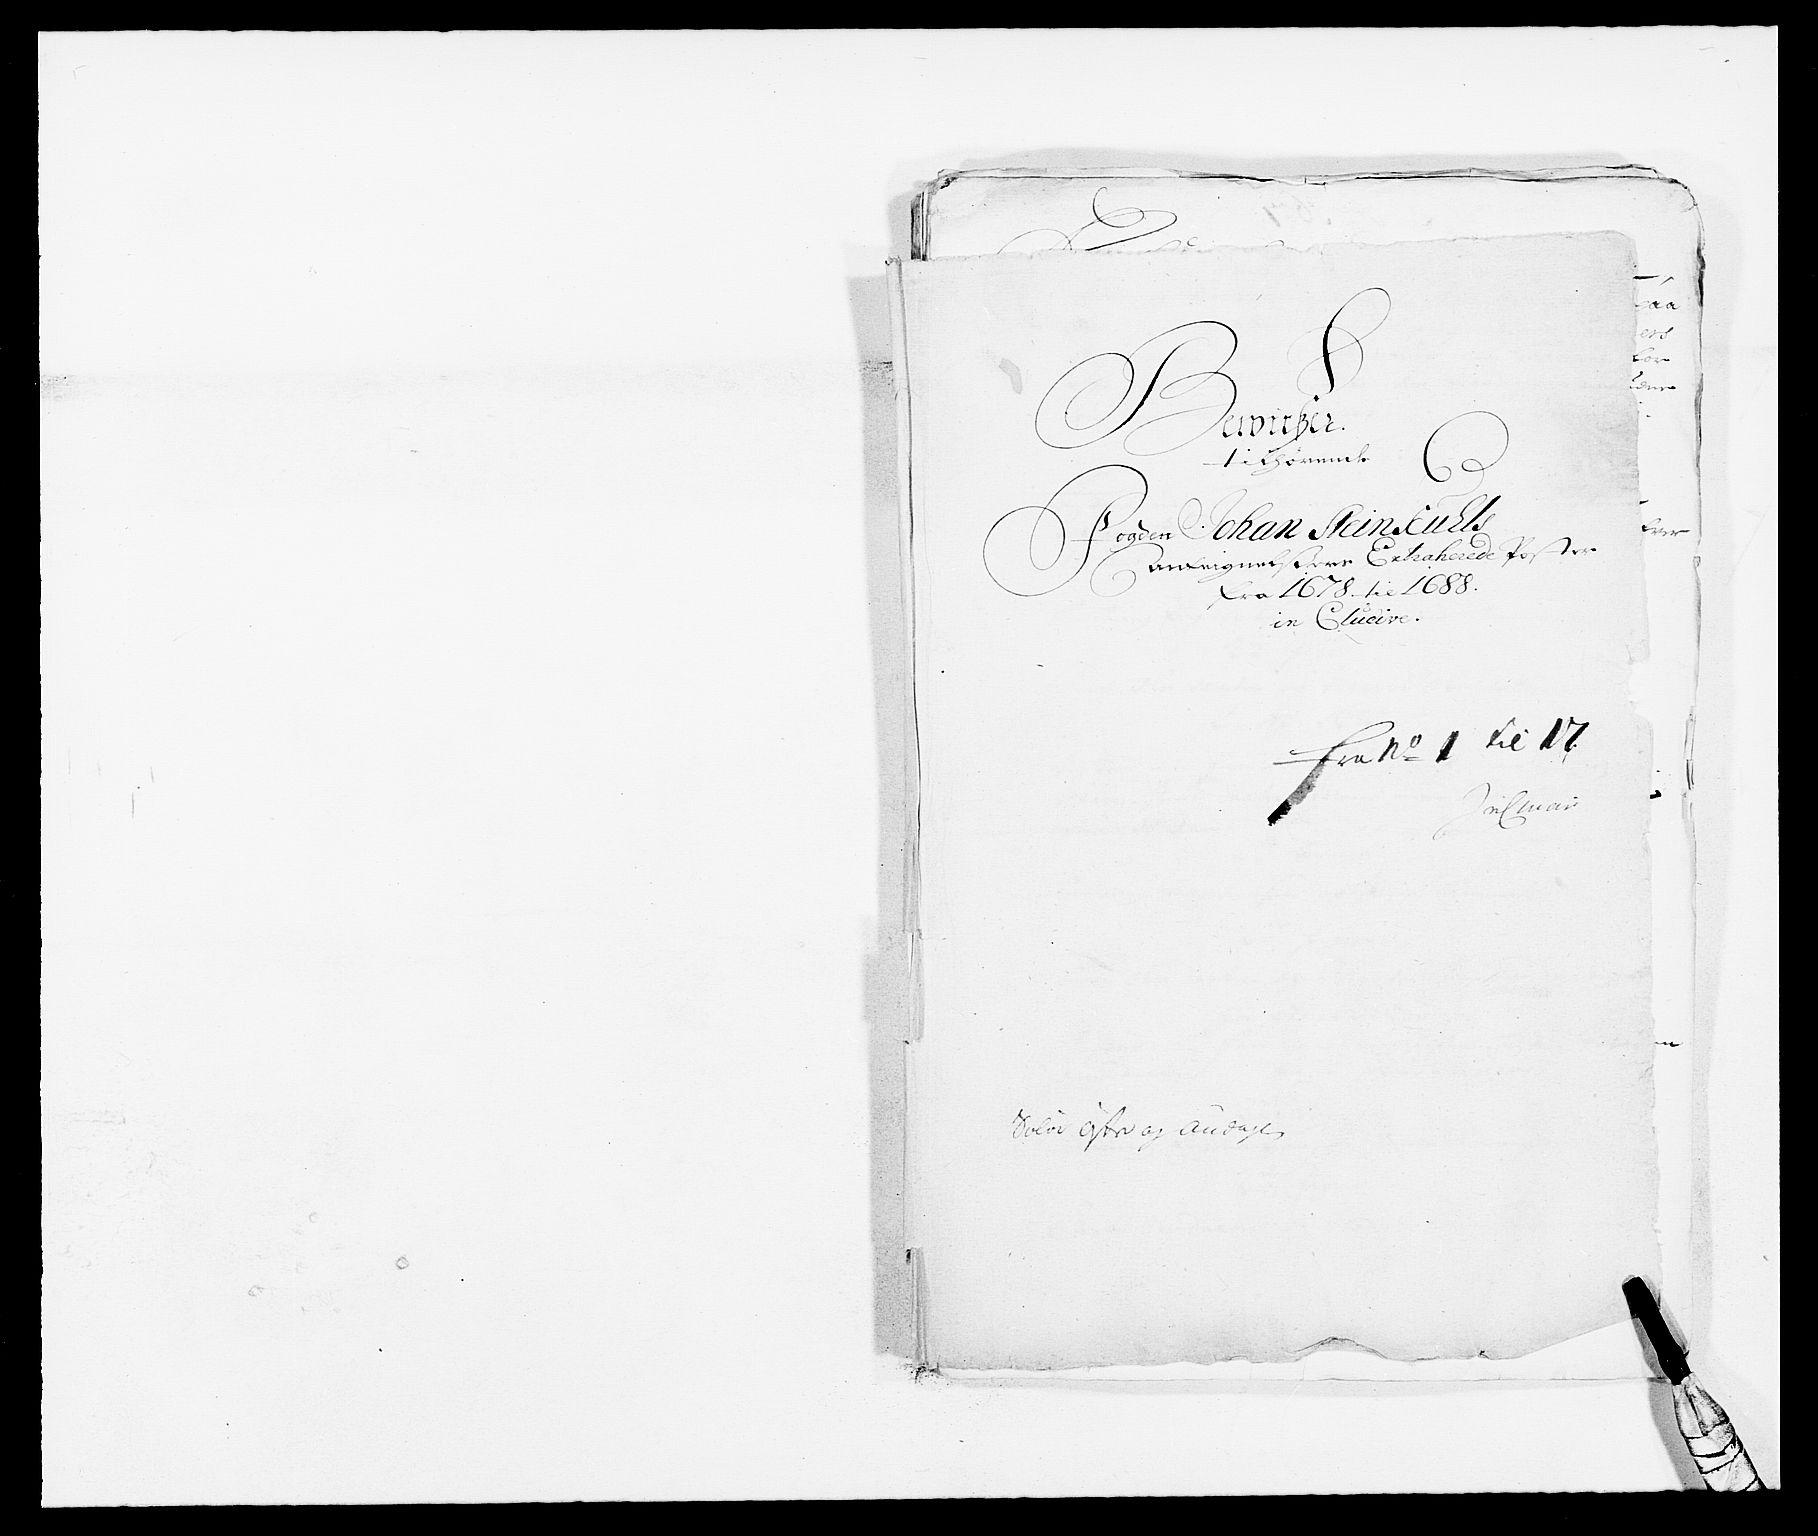 RA, Rentekammeret inntil 1814, Reviderte regnskaper, Fogderegnskap, R13/L0825: Fogderegnskap Solør, Odal og Østerdal, 1688, s. 428